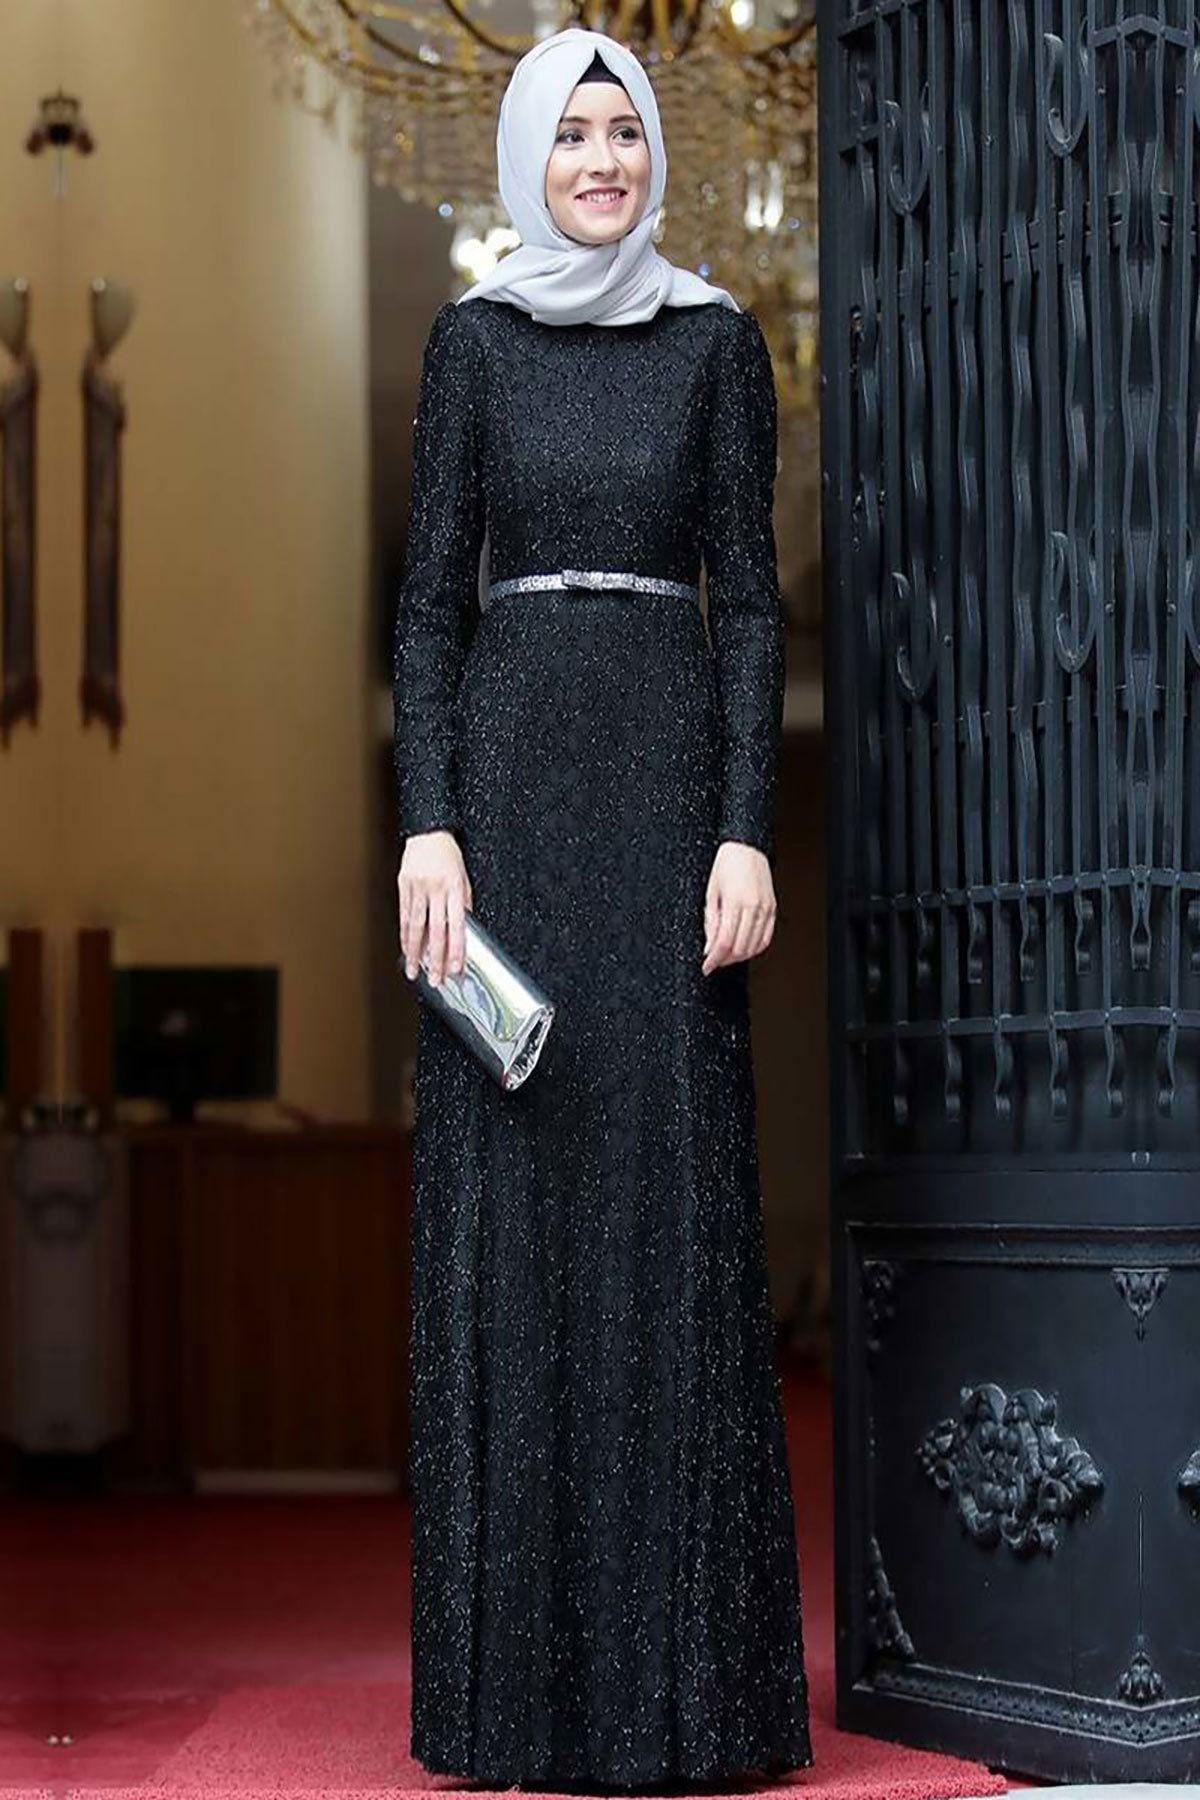 Kadin Tesettur Abiye Trendyol Da En Cok Satan Top 10 2020 Aksamustu Giysileri Siyah Abiye The Dress